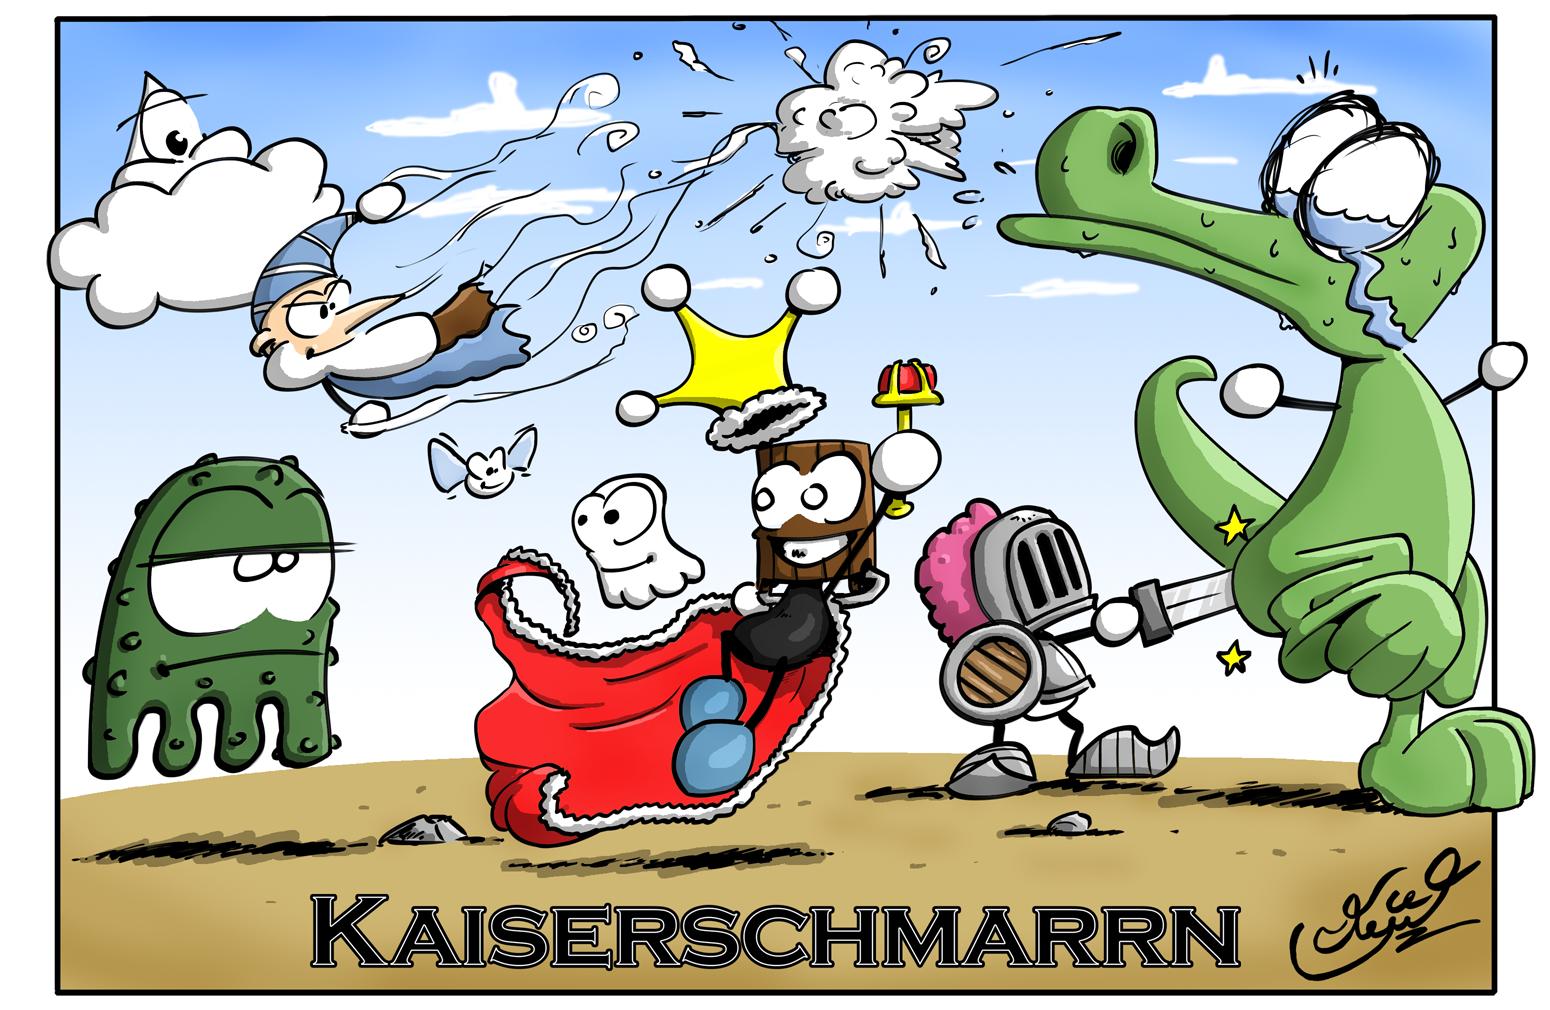 Kaiserschmarrn Artwork 1